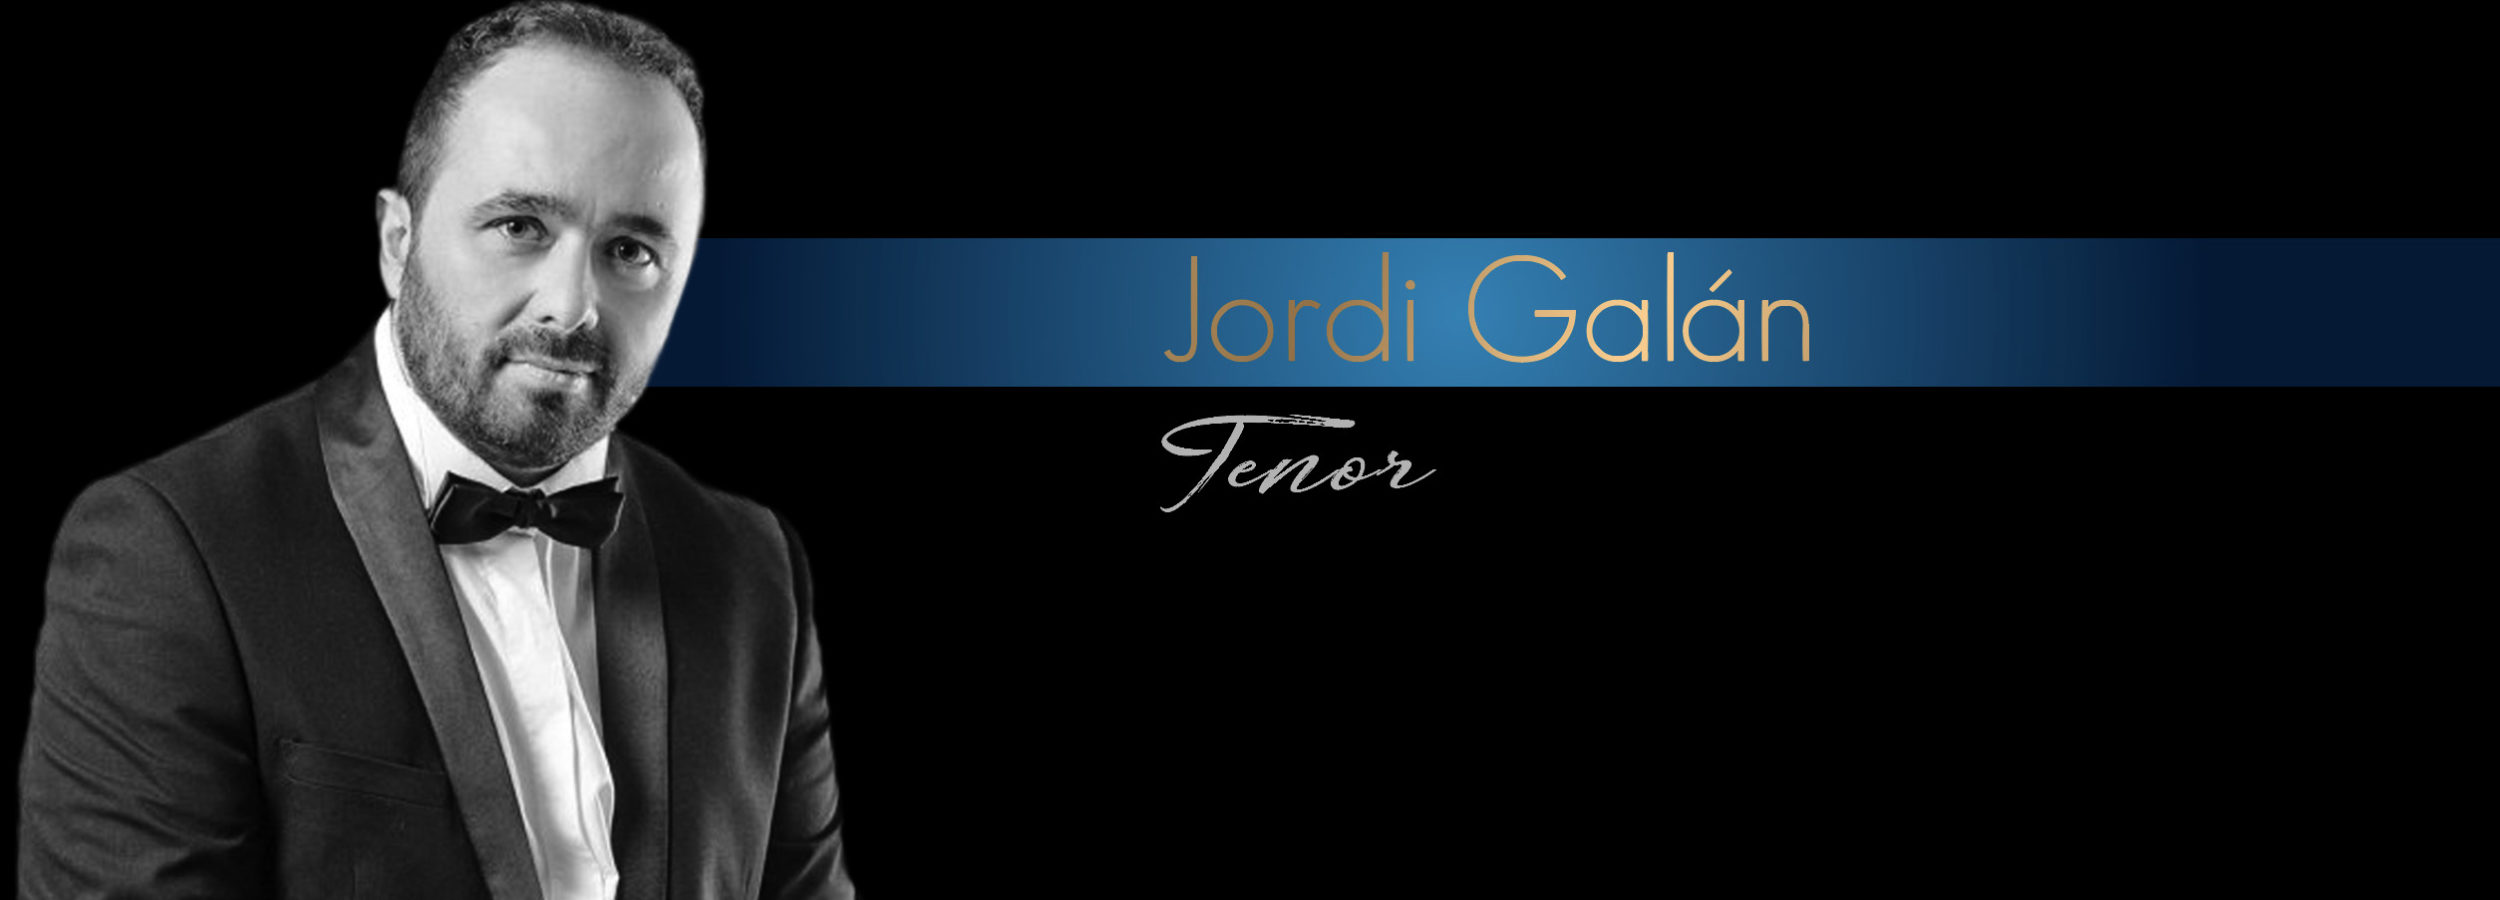 JORDI-GALAN